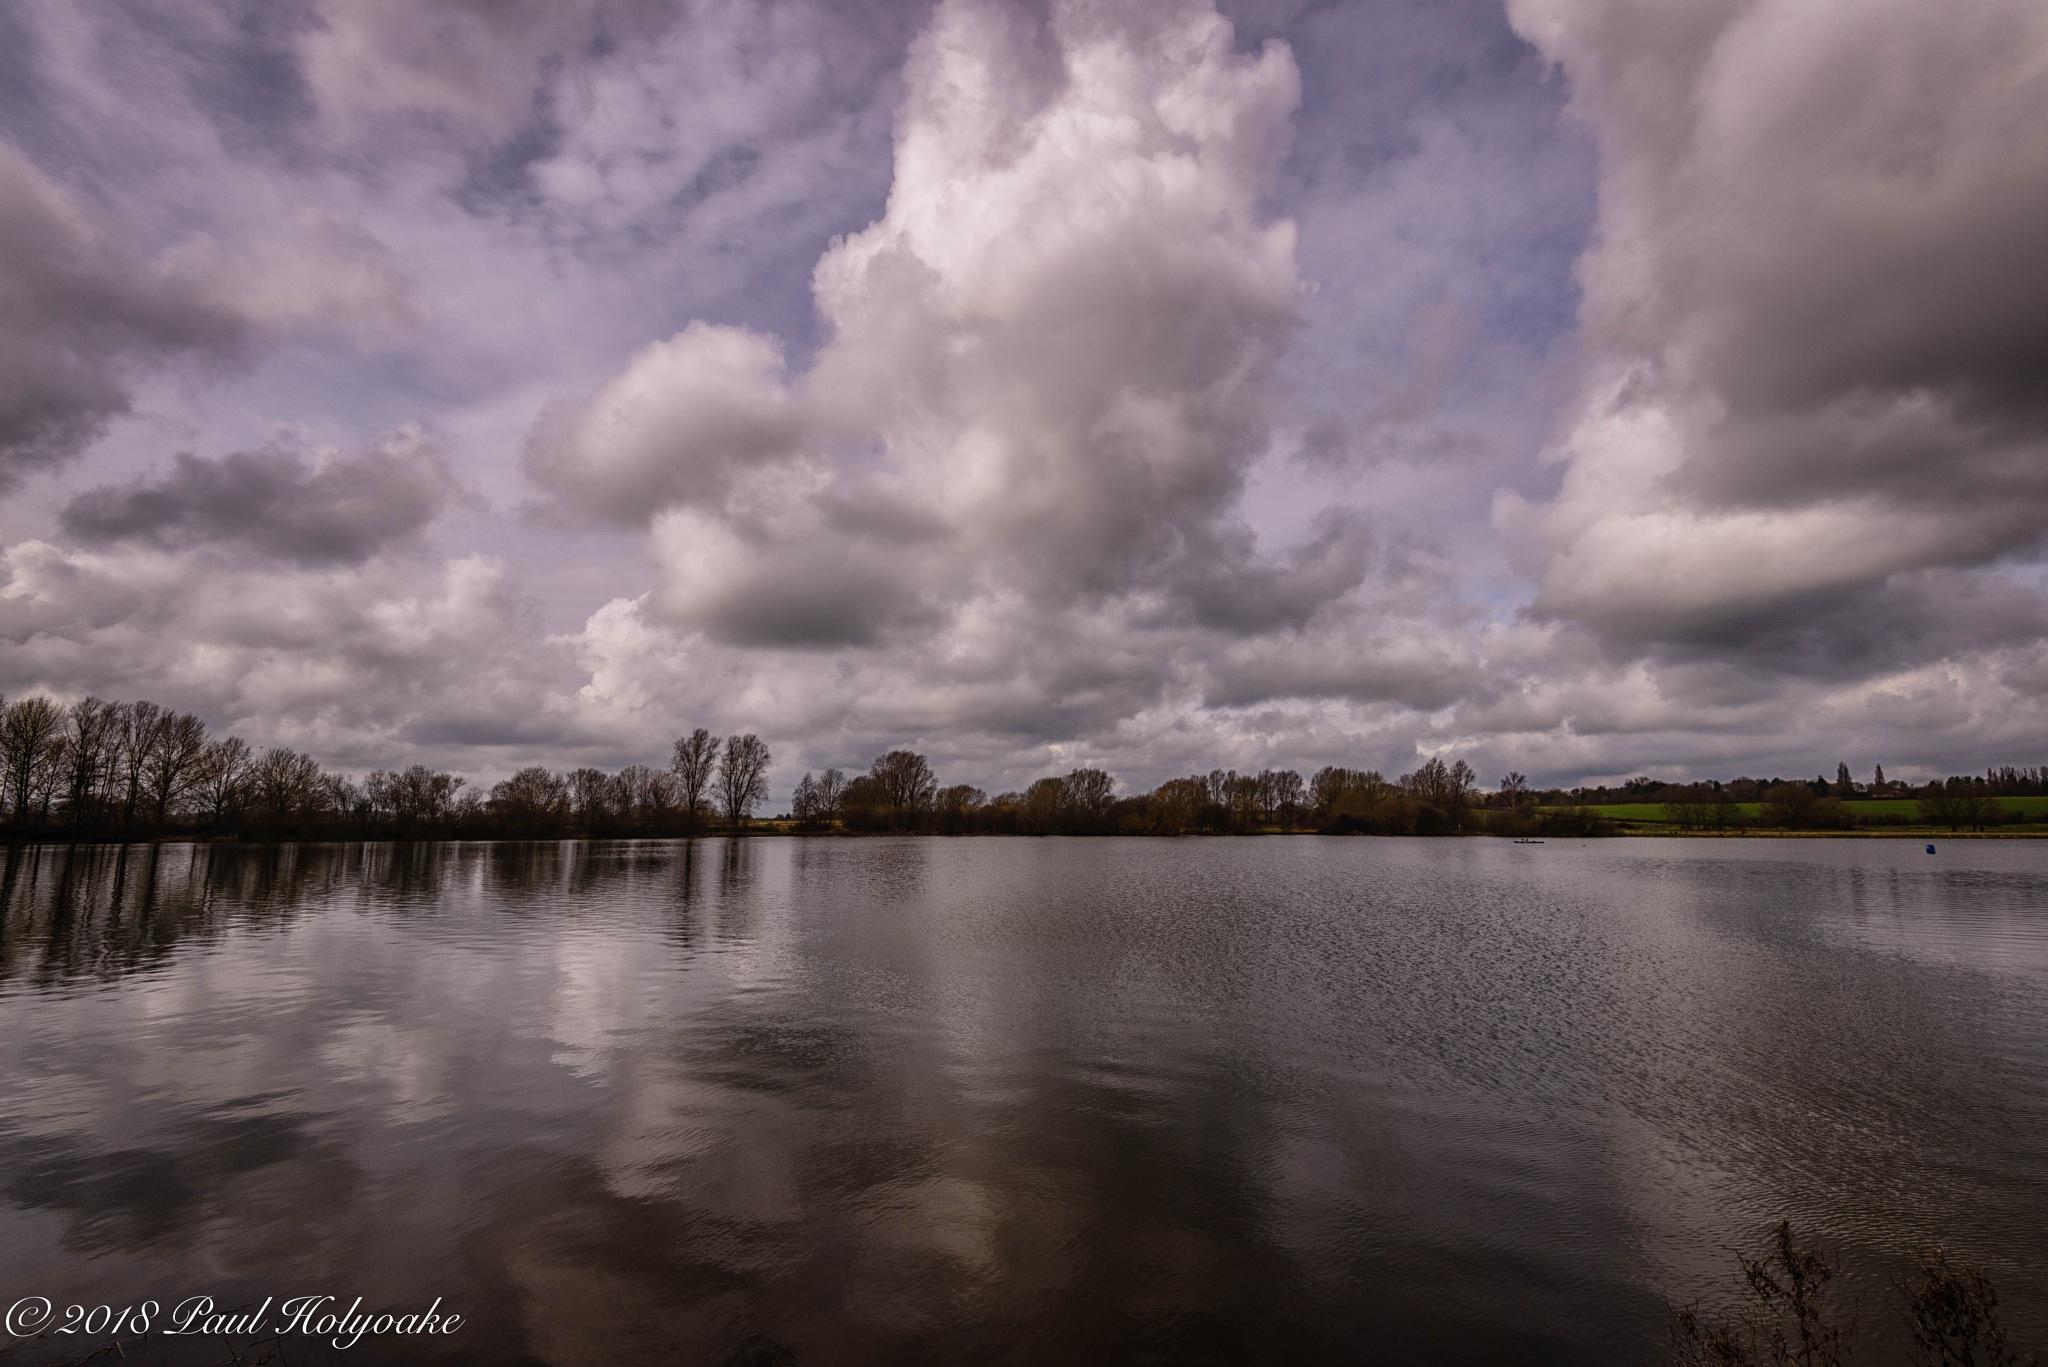 FM Cloudscape by Photon